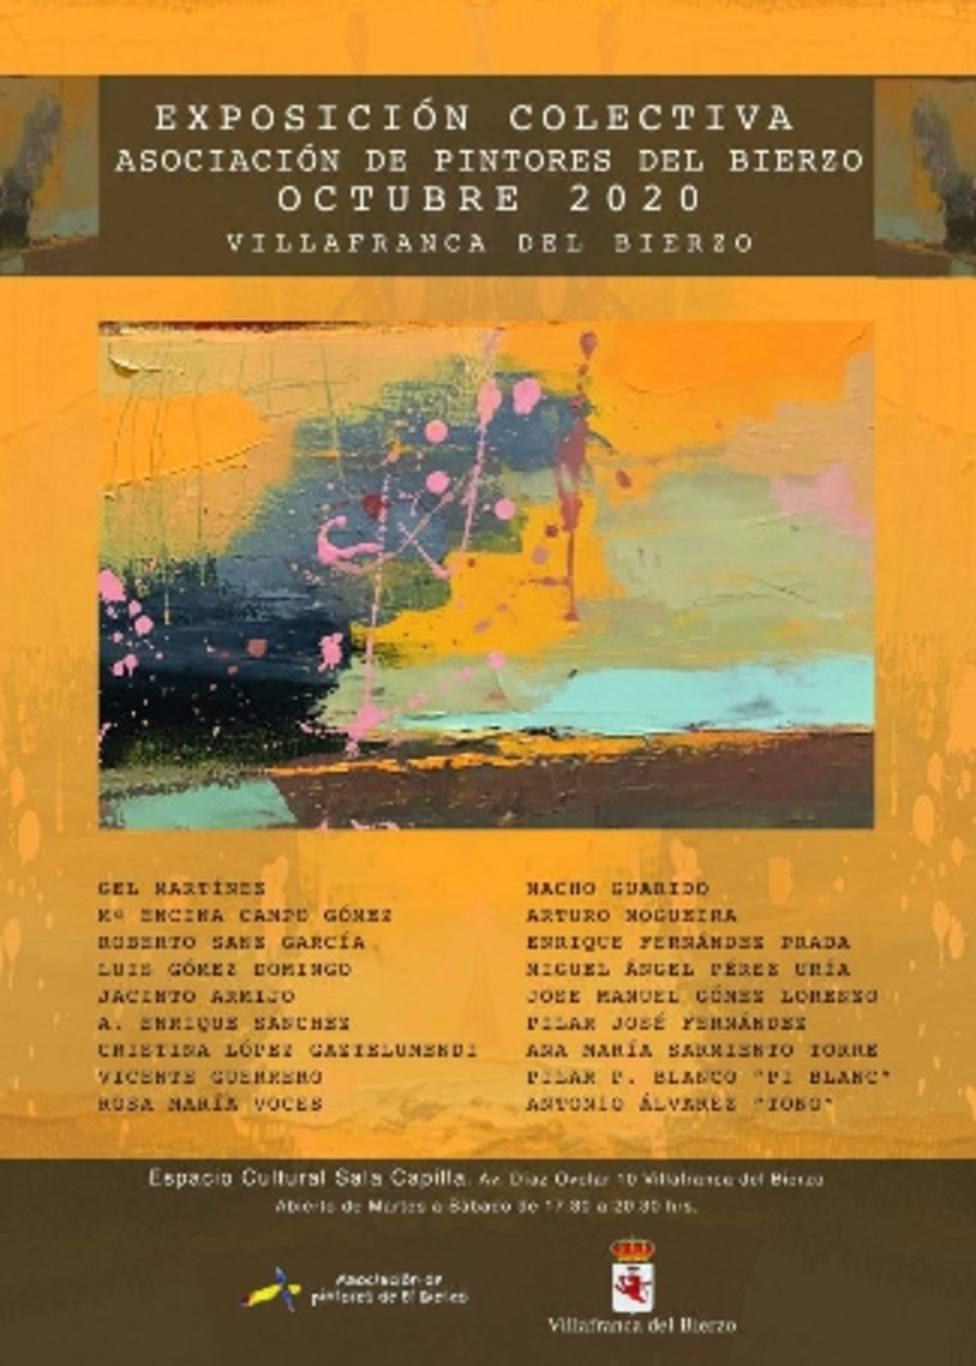 ctv-efe-nsw 20201002-exposicioncolectivavillafranca20-scaled